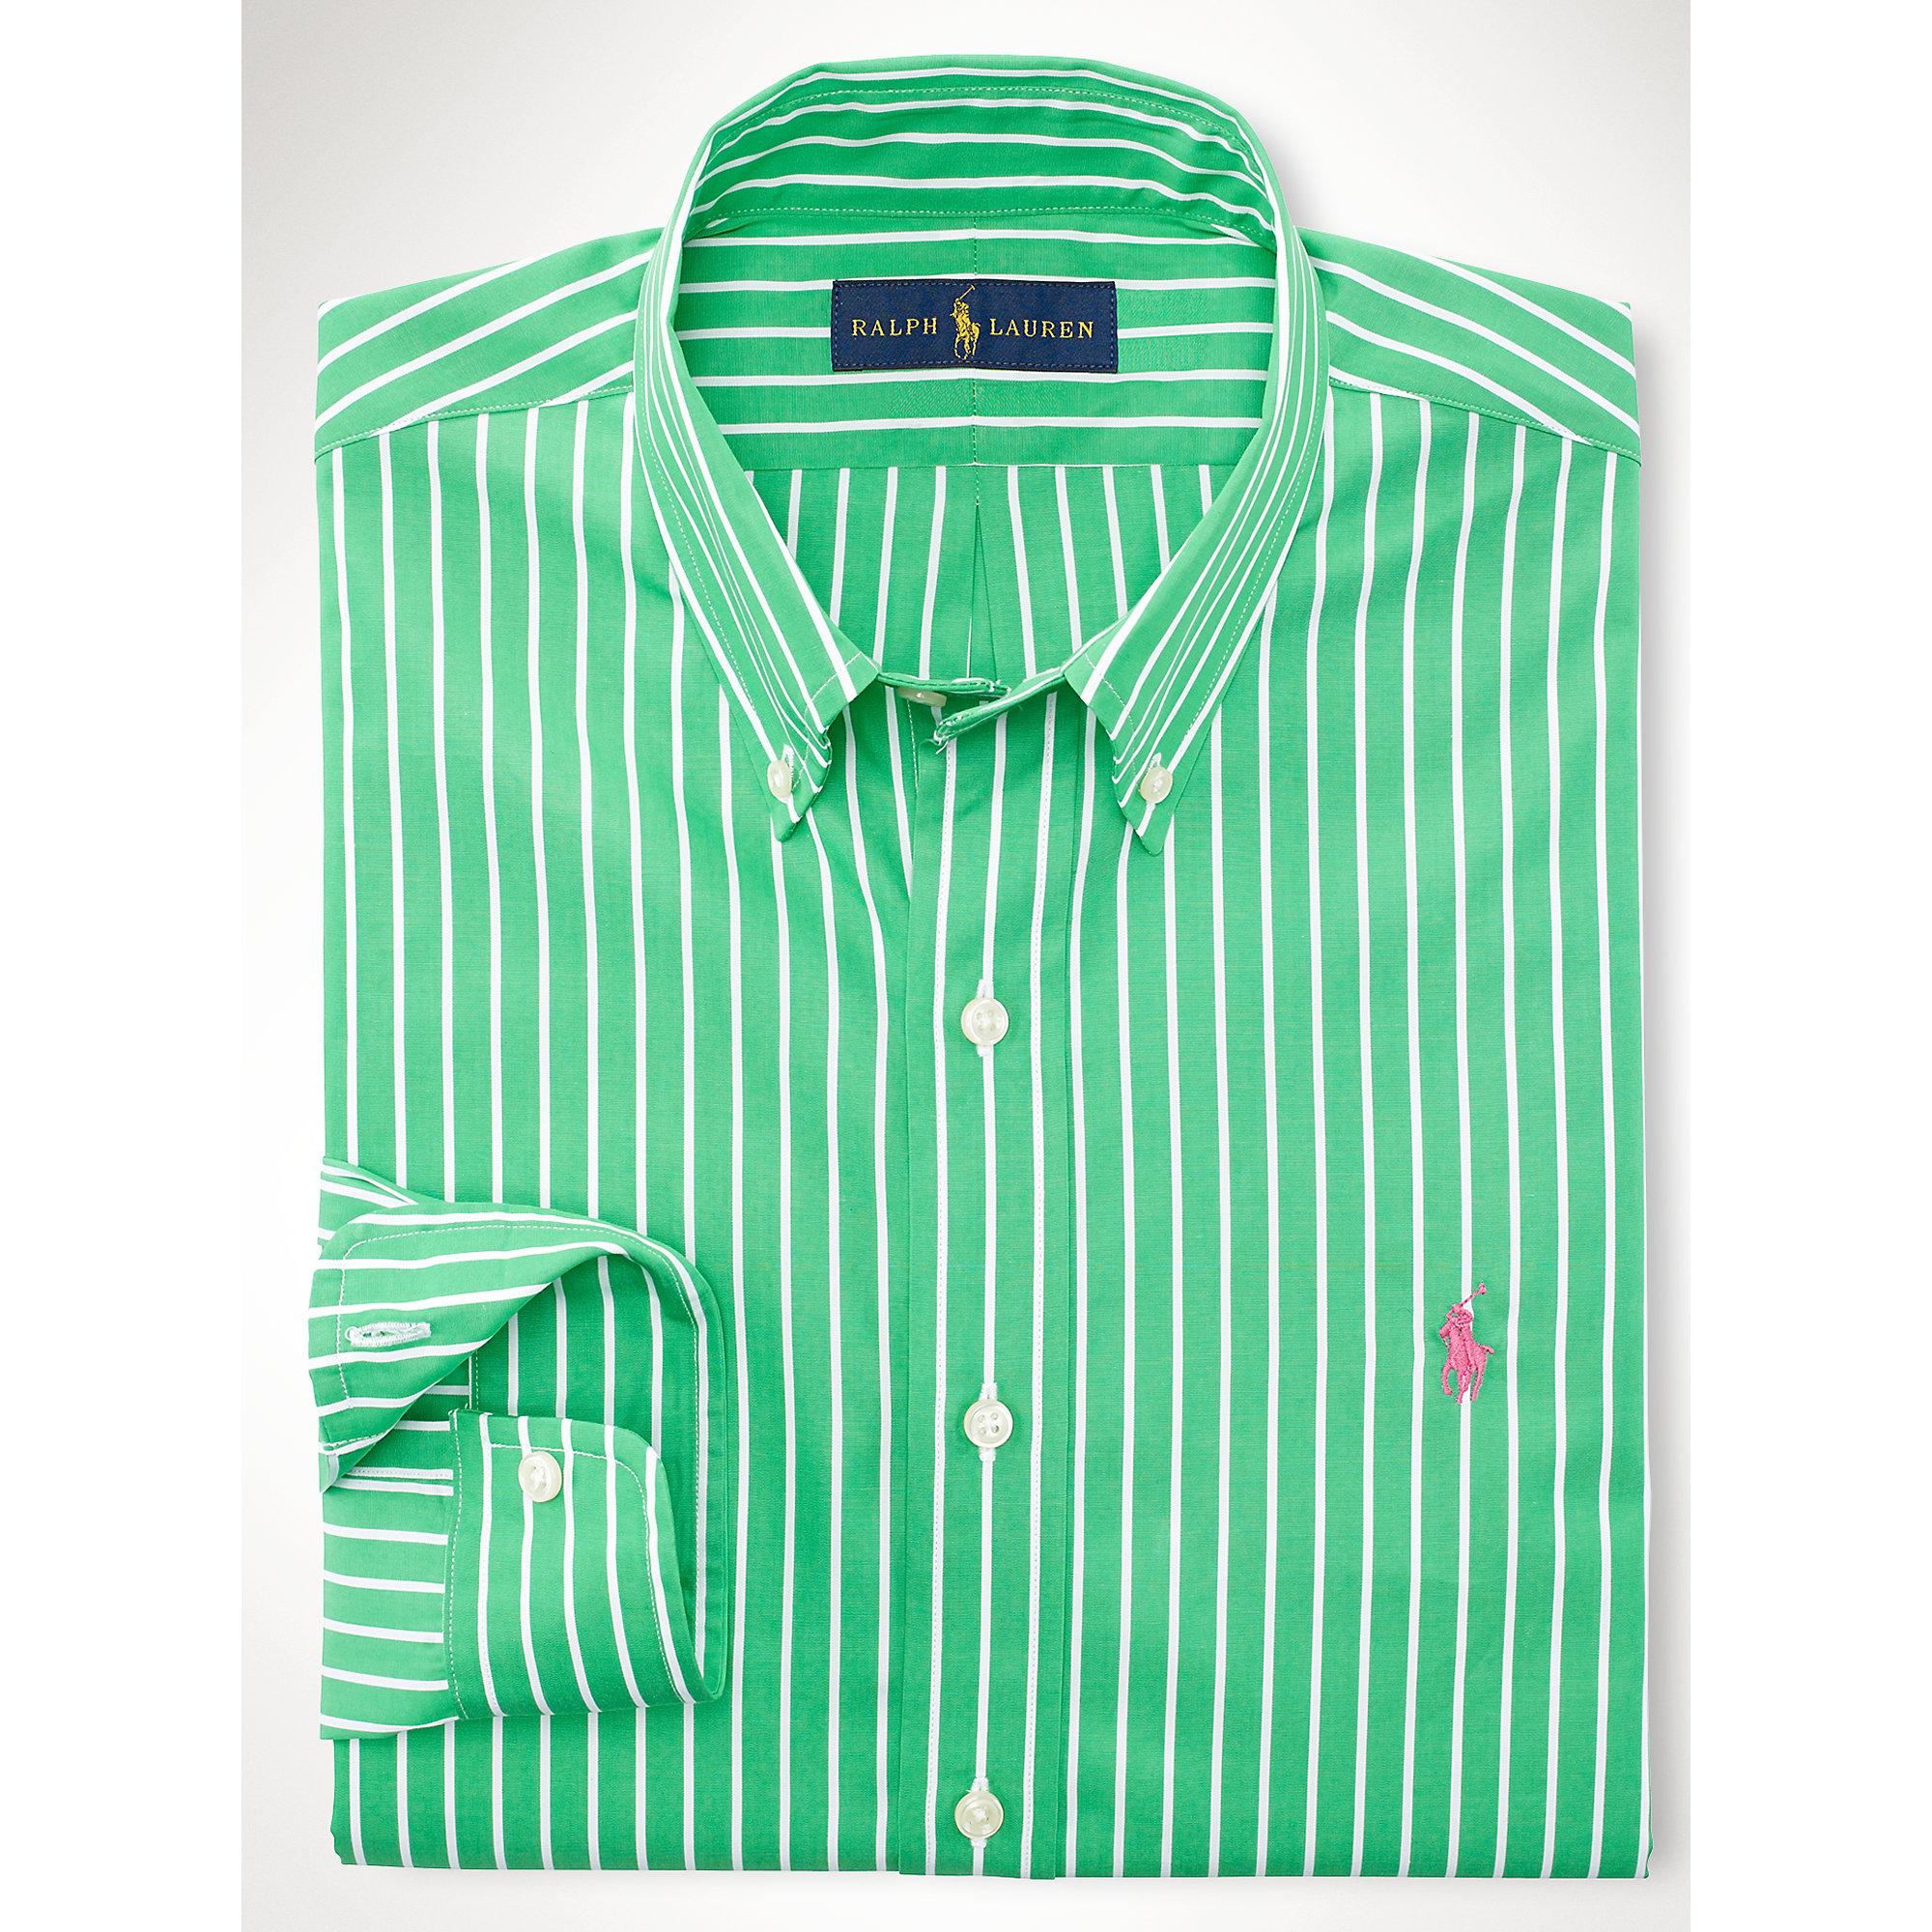 Ralph Lauren Womens Shirt